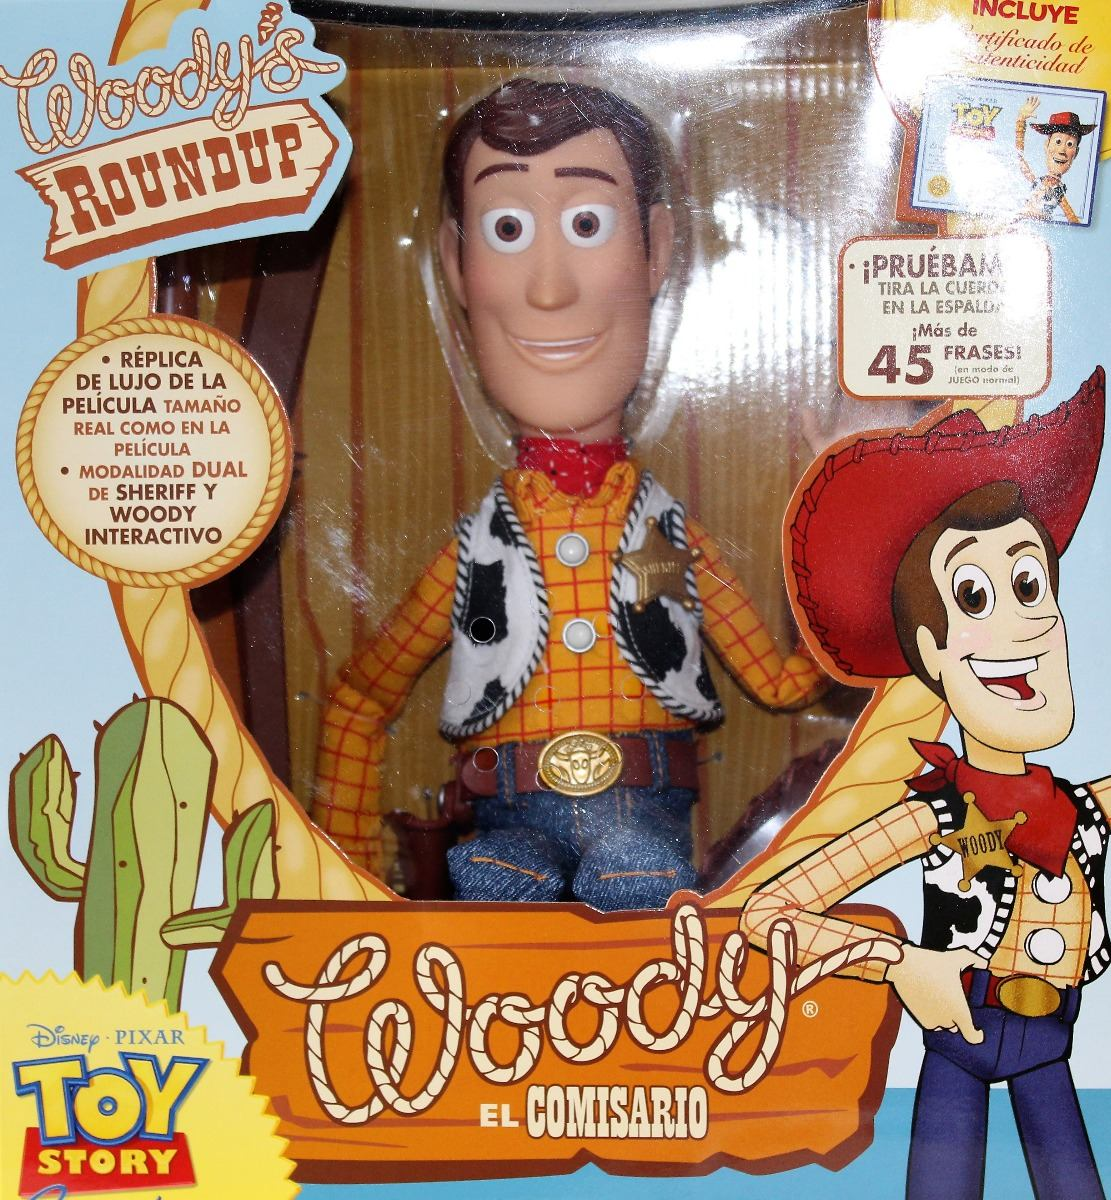 333fea4dab9ce woody el comisario toy story figura original con certificado. Cargando zoom.